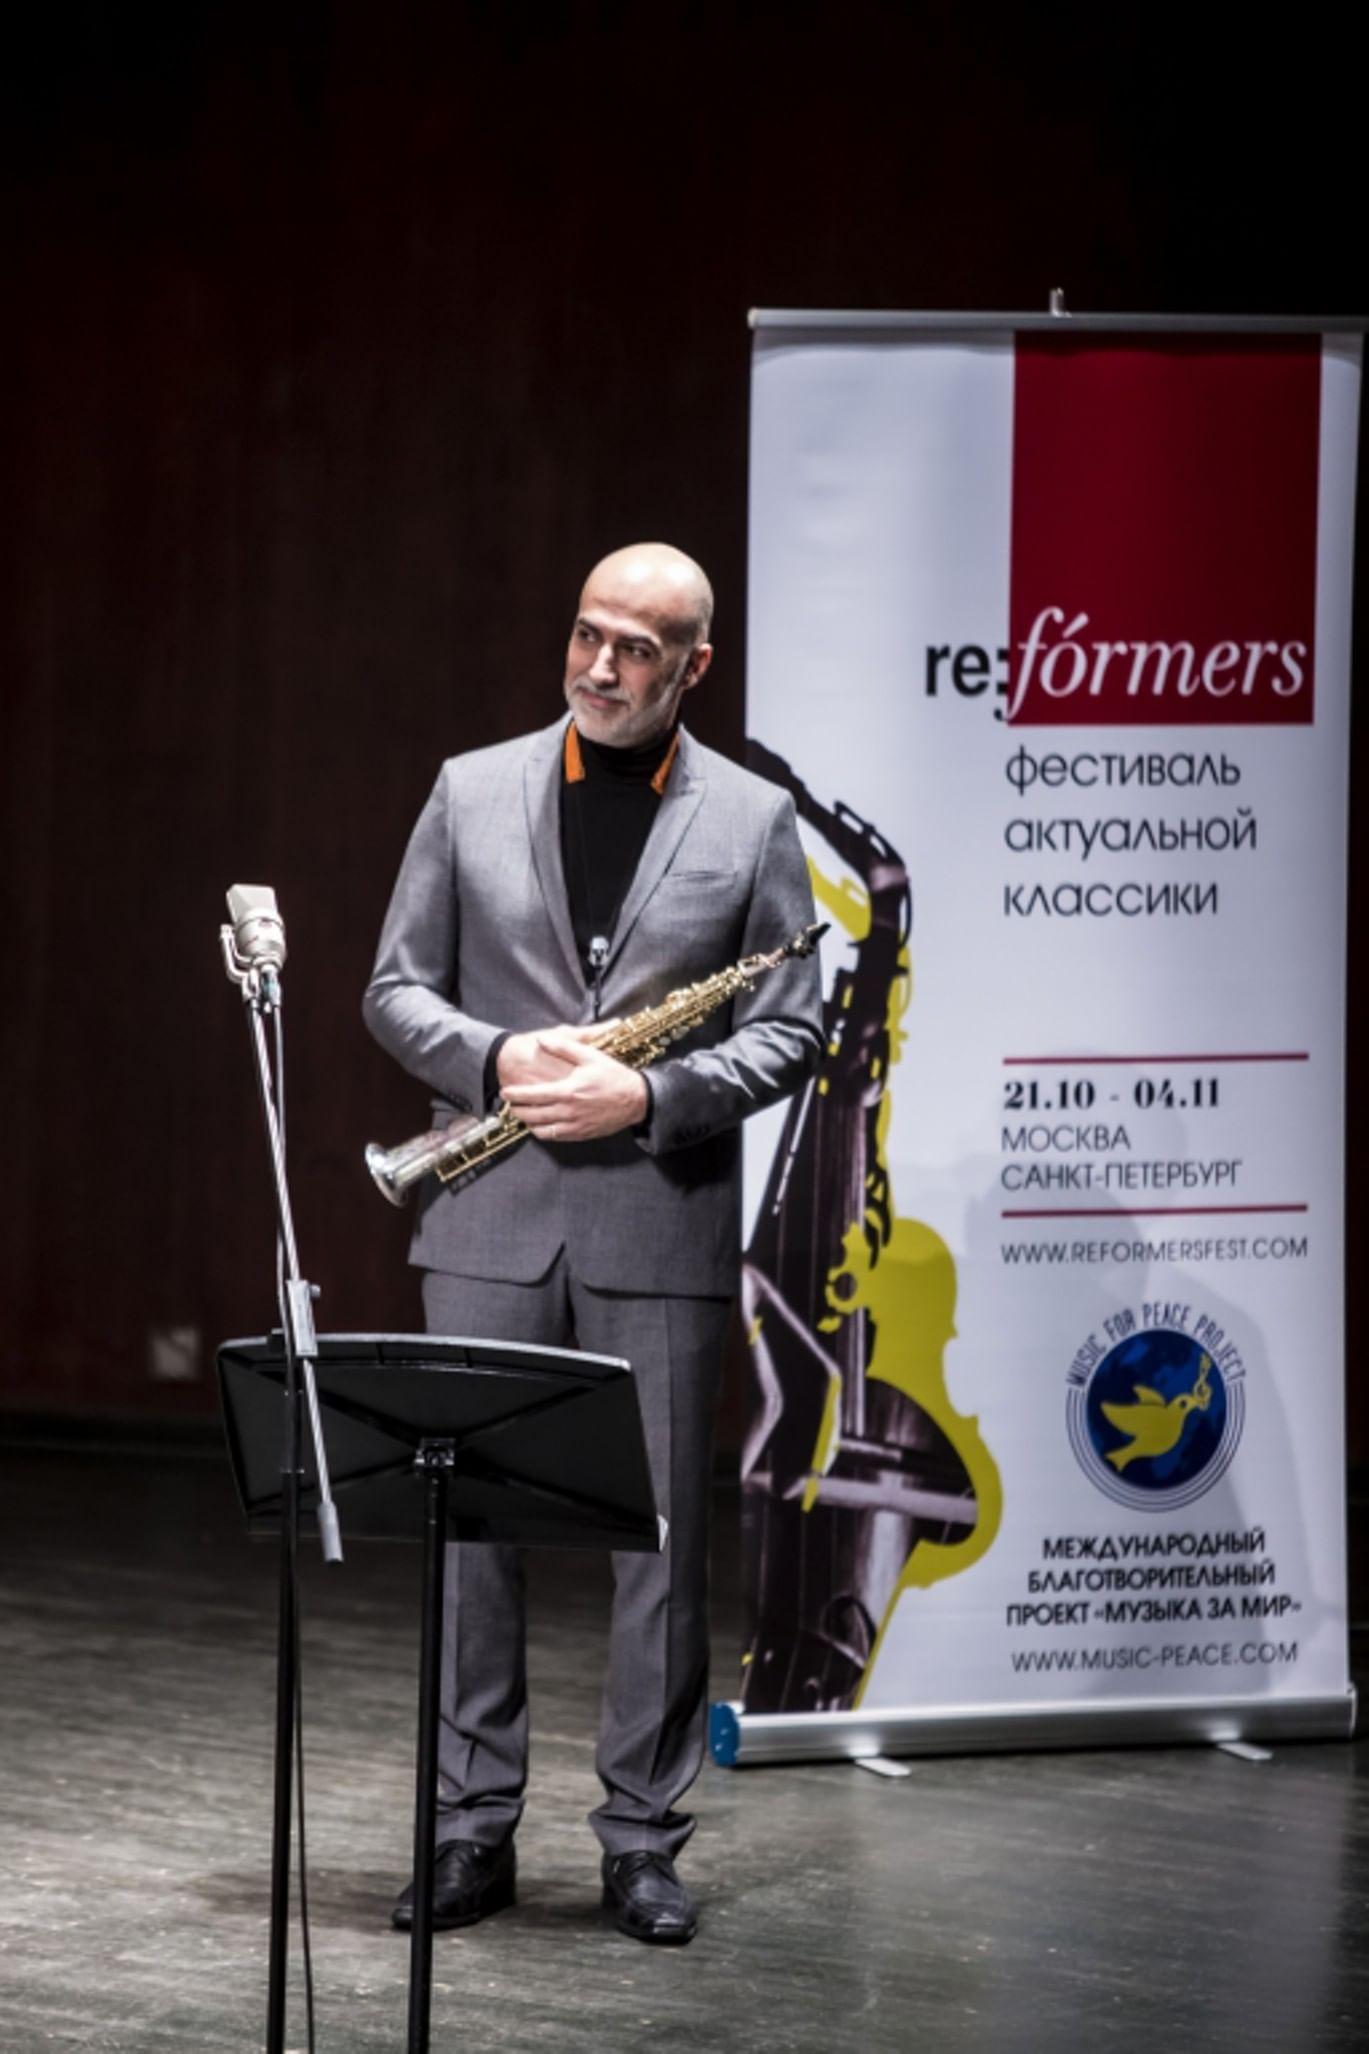 Фестиваль Re:Formers. Фотографии предоставлены организаторами